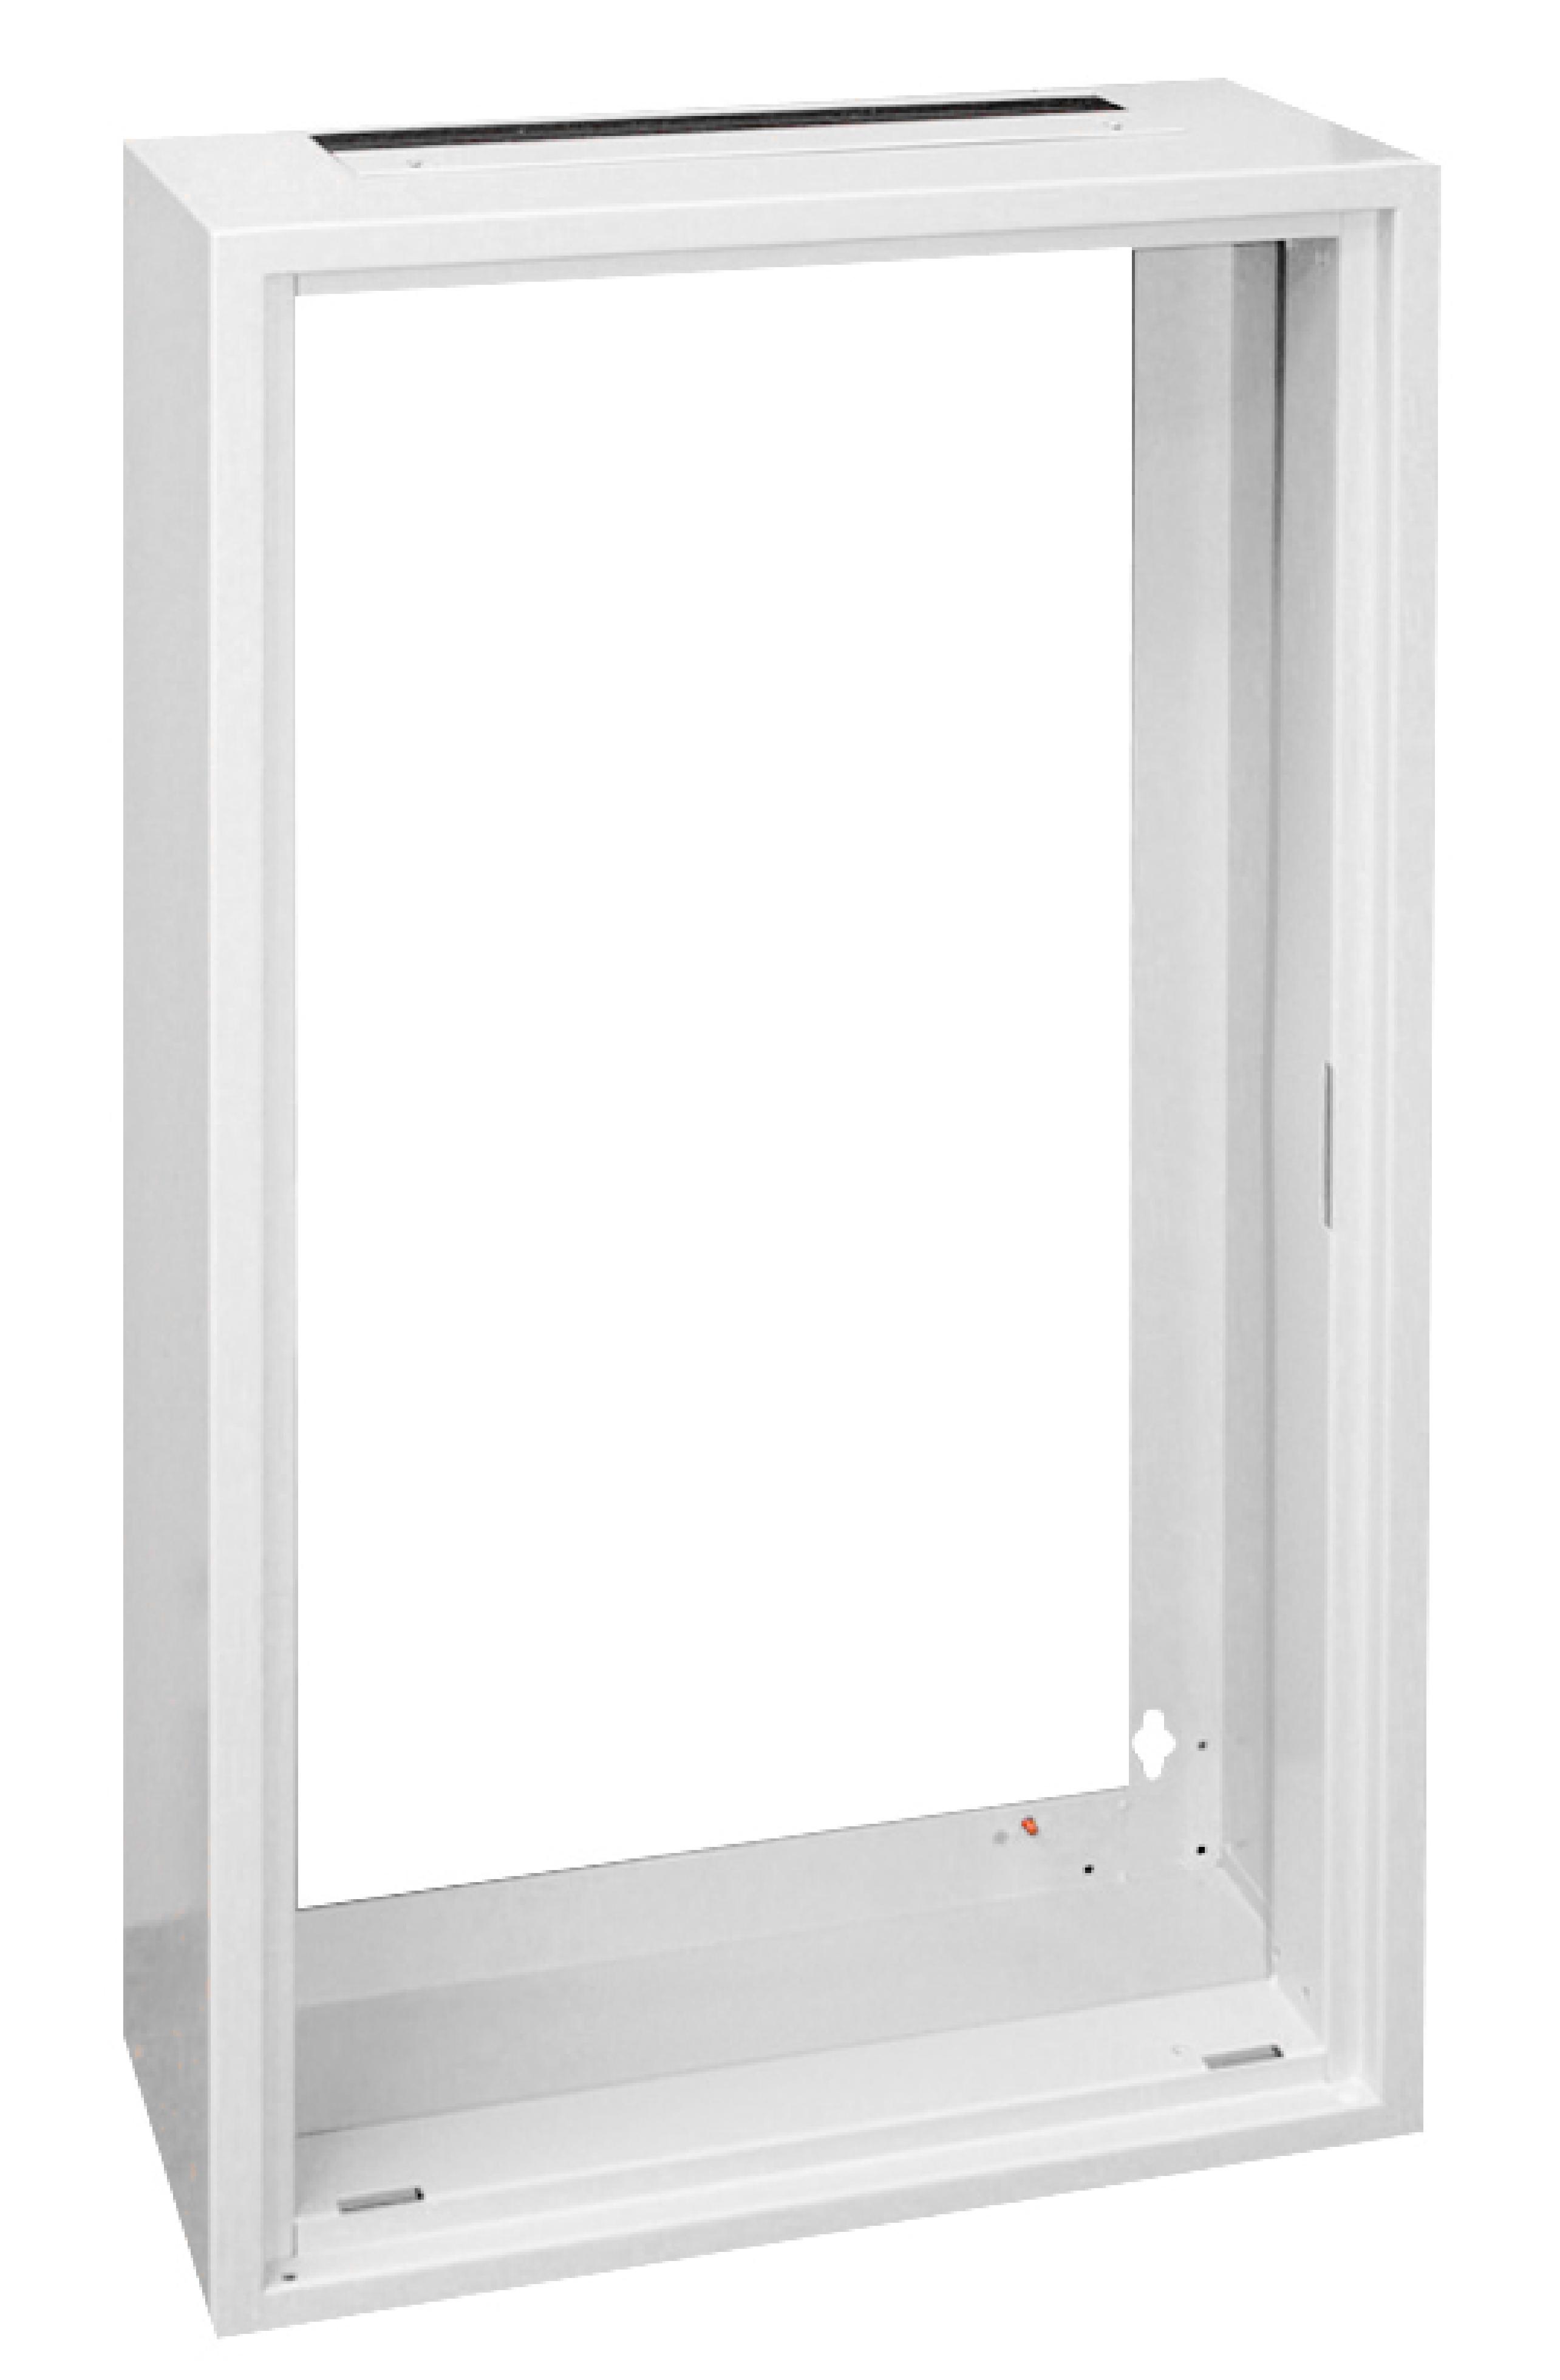 1 Stk AP-Rahmen ohne Türe und Rückwand 3A-28, H1380B810T250mm IL001328-F